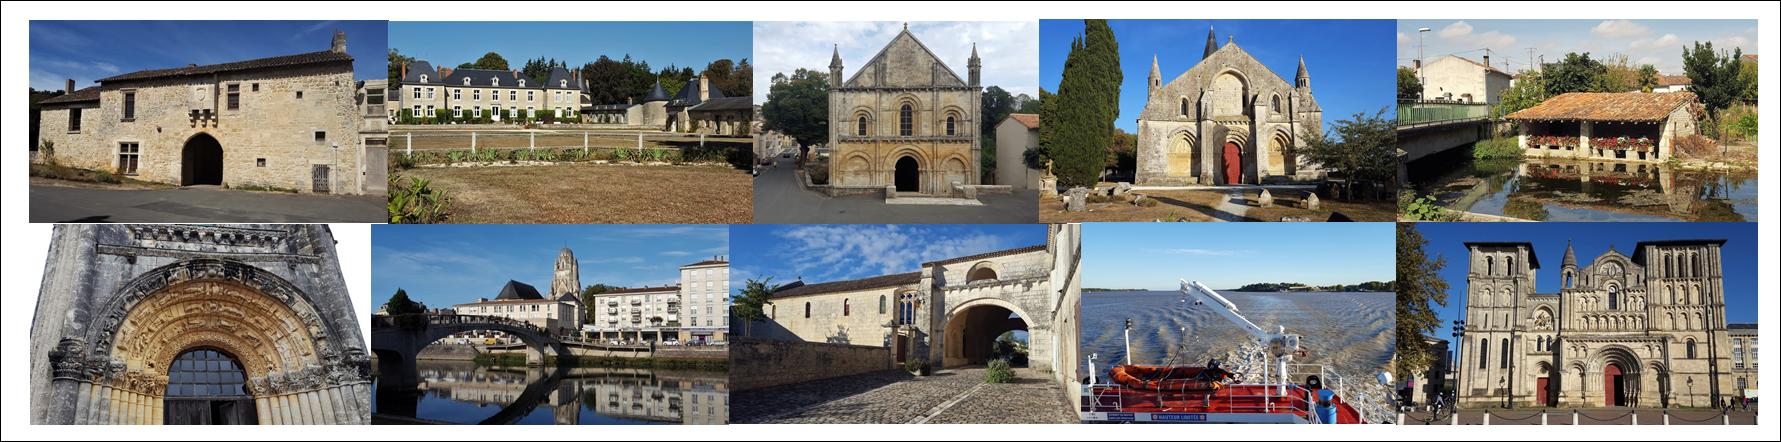 Fontaine le Compte, Coulombiers, Melle, Aulnay en Saintonge, Brioux sur Boutonne, St Jean d'Angely, Saintes, Pons, la Gironde à Blaye et Bordeaux